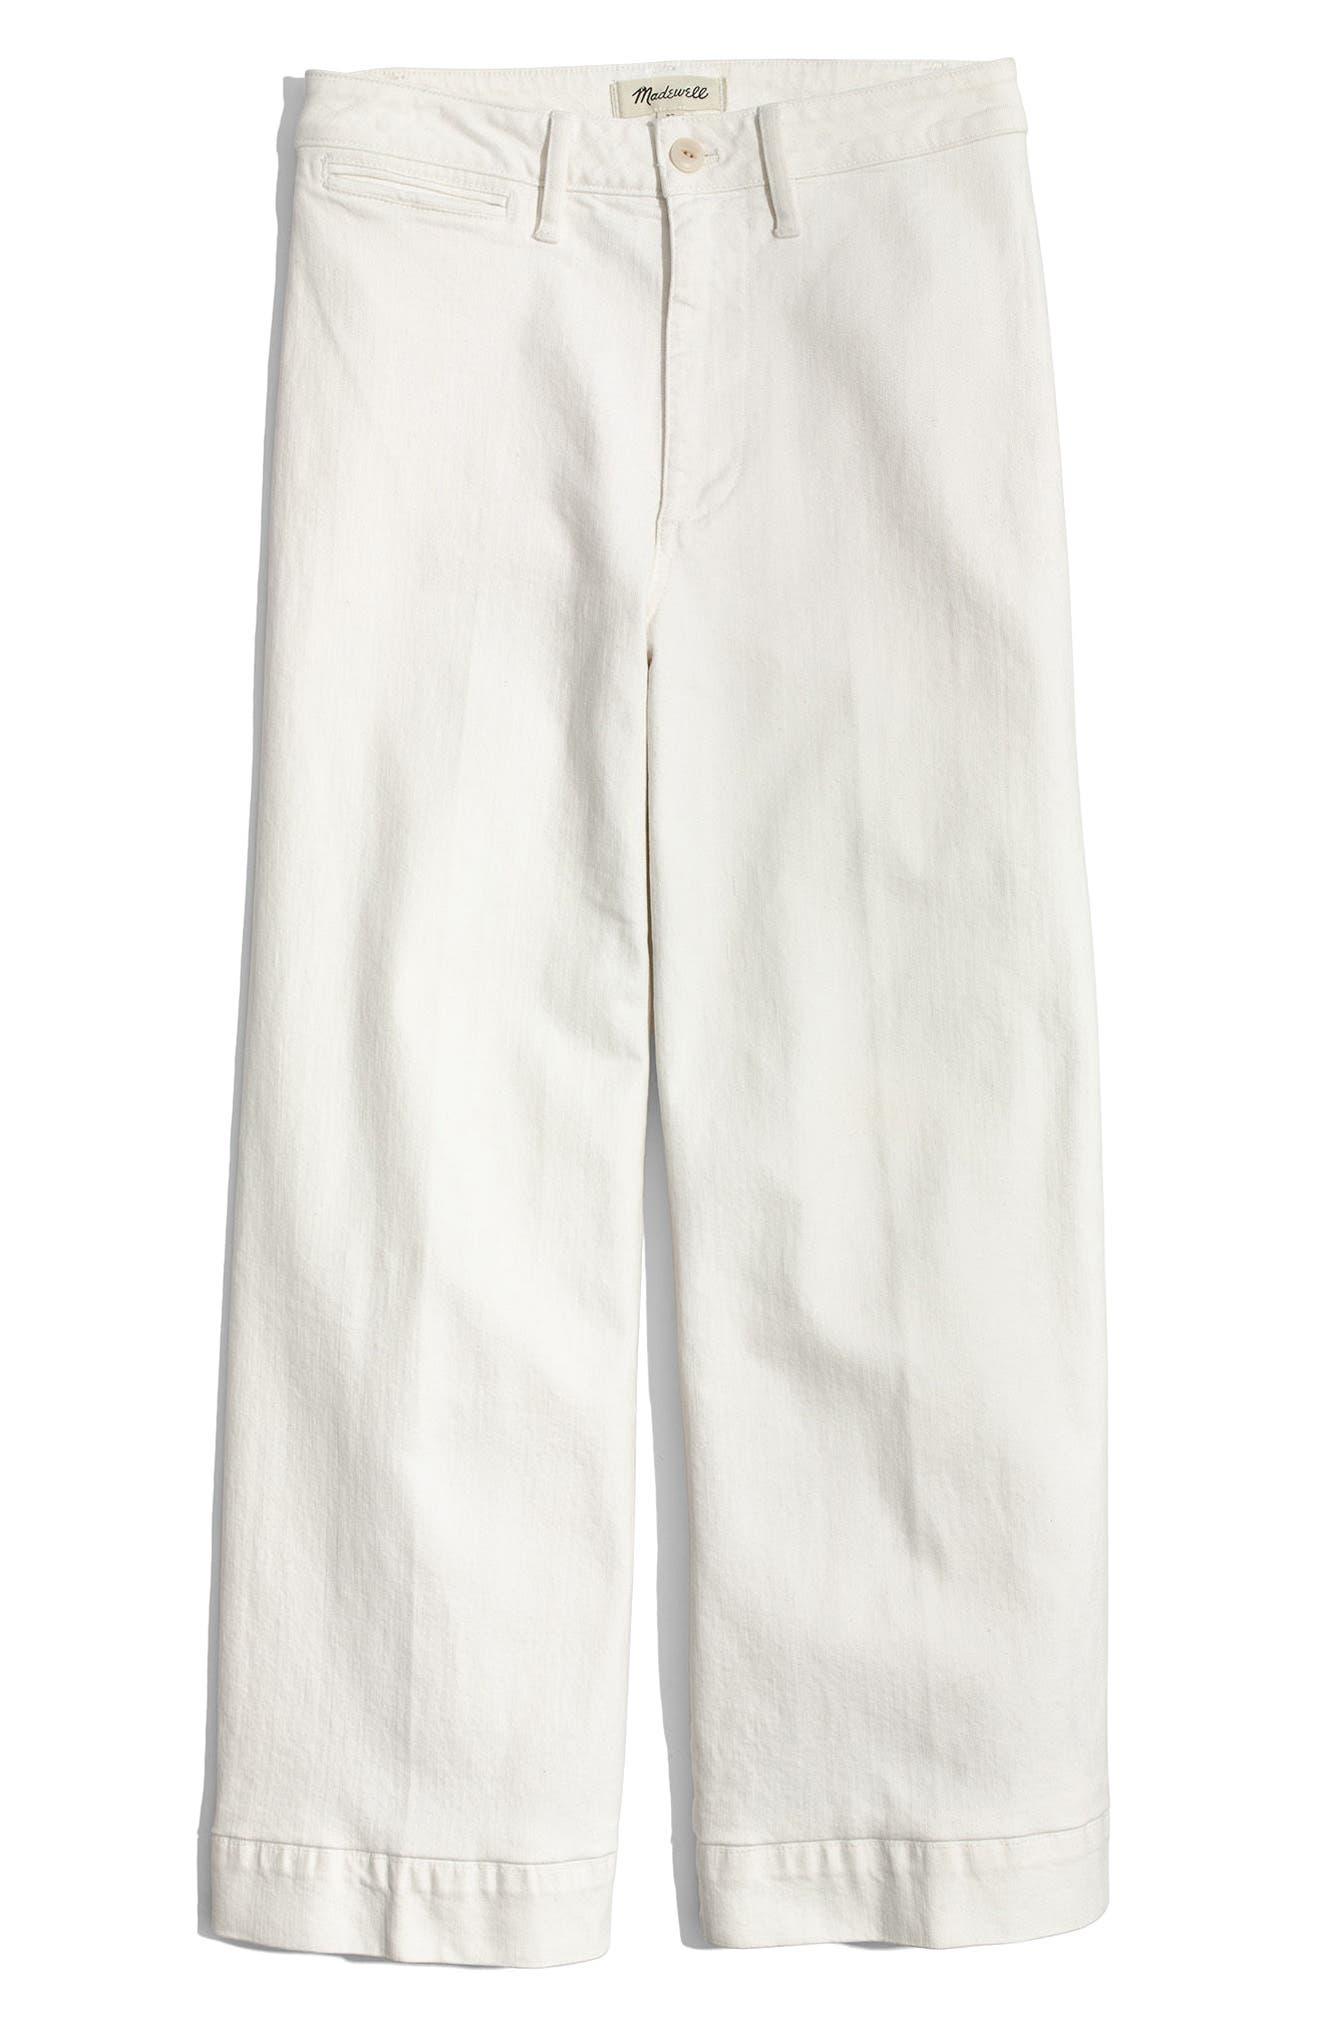 Emmett Crop Wide Leg Jeans,                             Alternate thumbnail 4, color,                             100